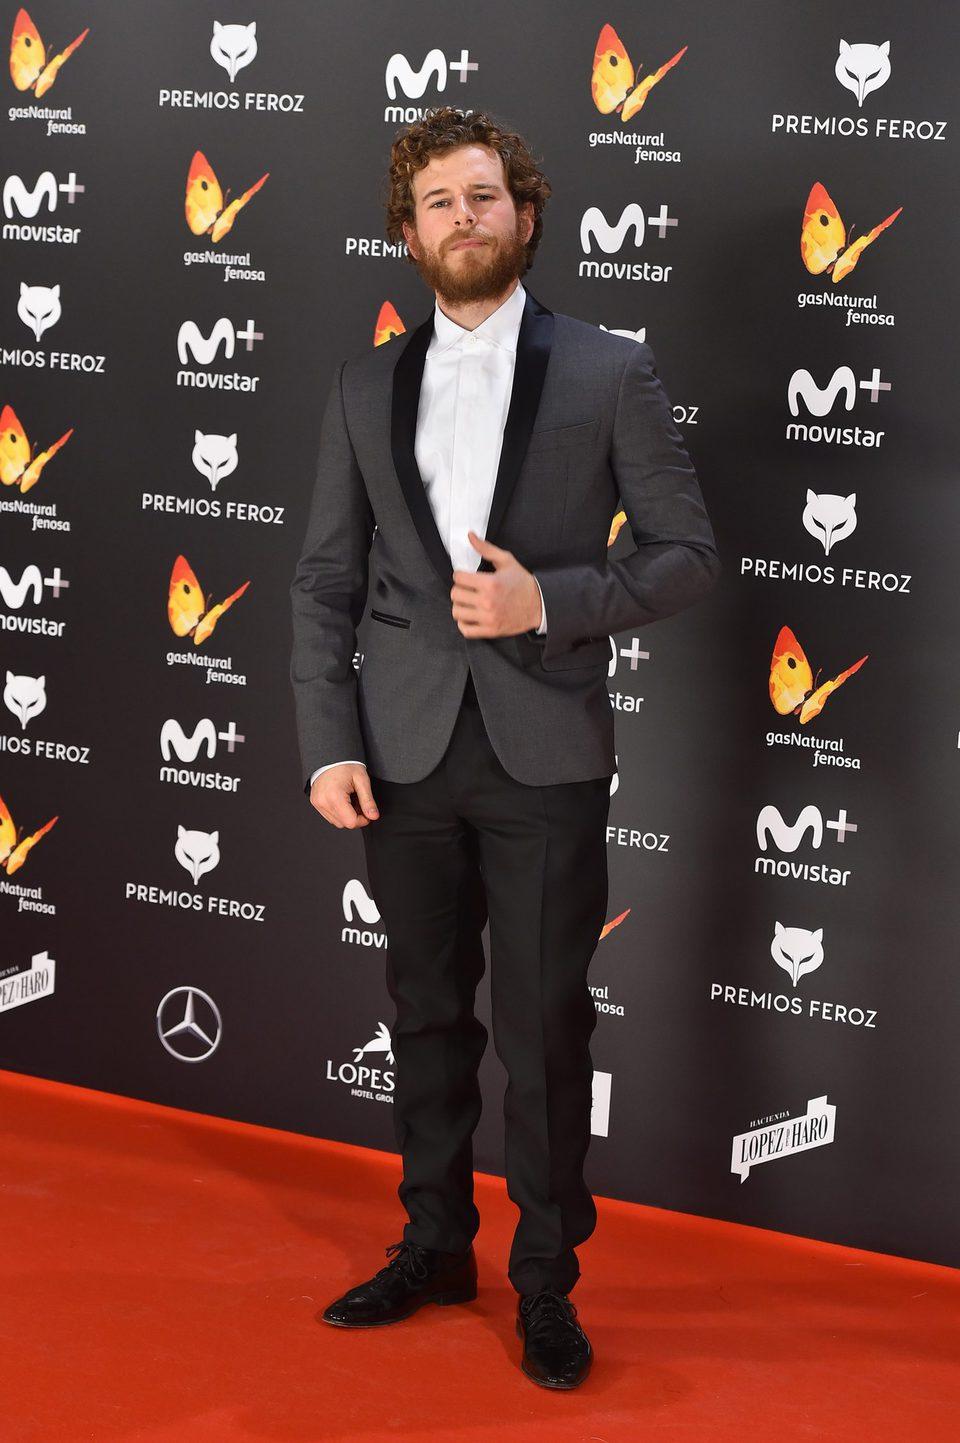 Álvaro Cervantes en la alfombra roja de los Premios Feroz 2017